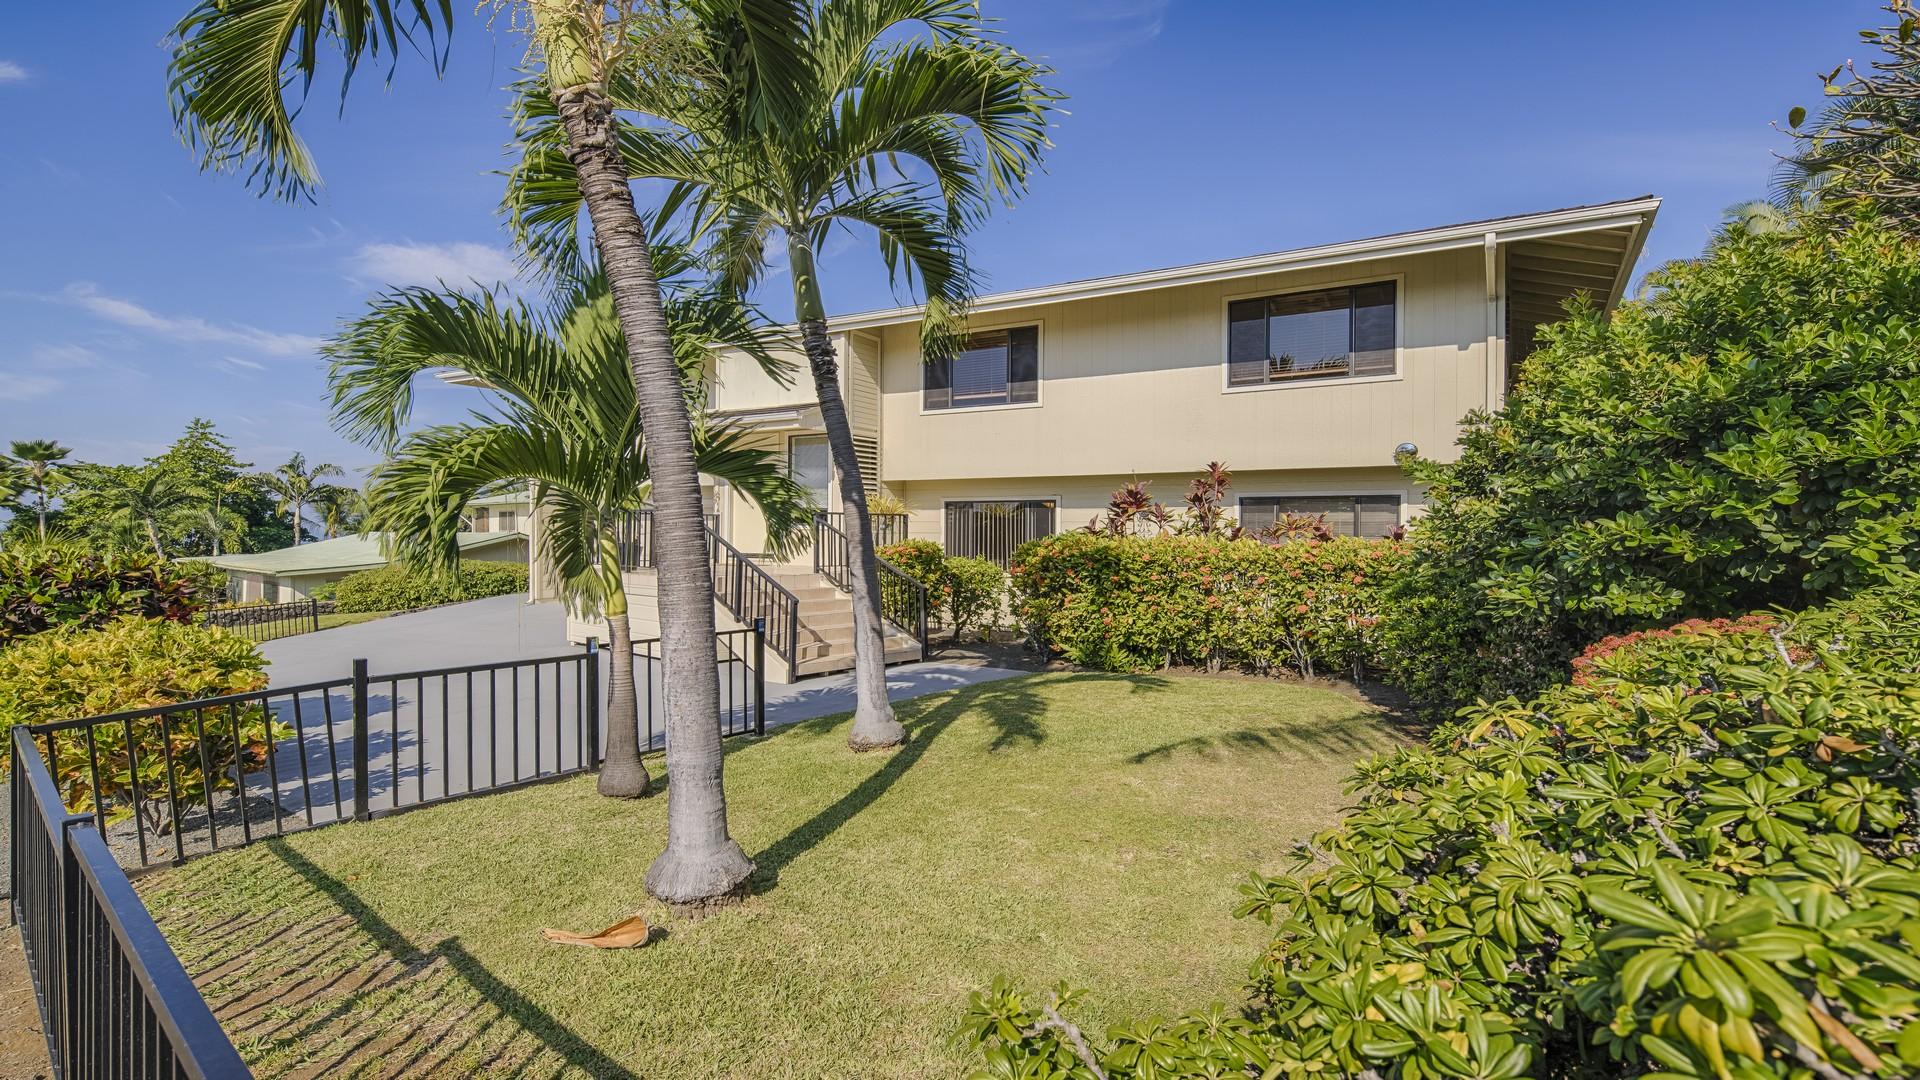 Single Family Home for Sale at Kona Heights 75-291 Aloha Kona Dr Kailua-Kona, Hawaii 96740 United States